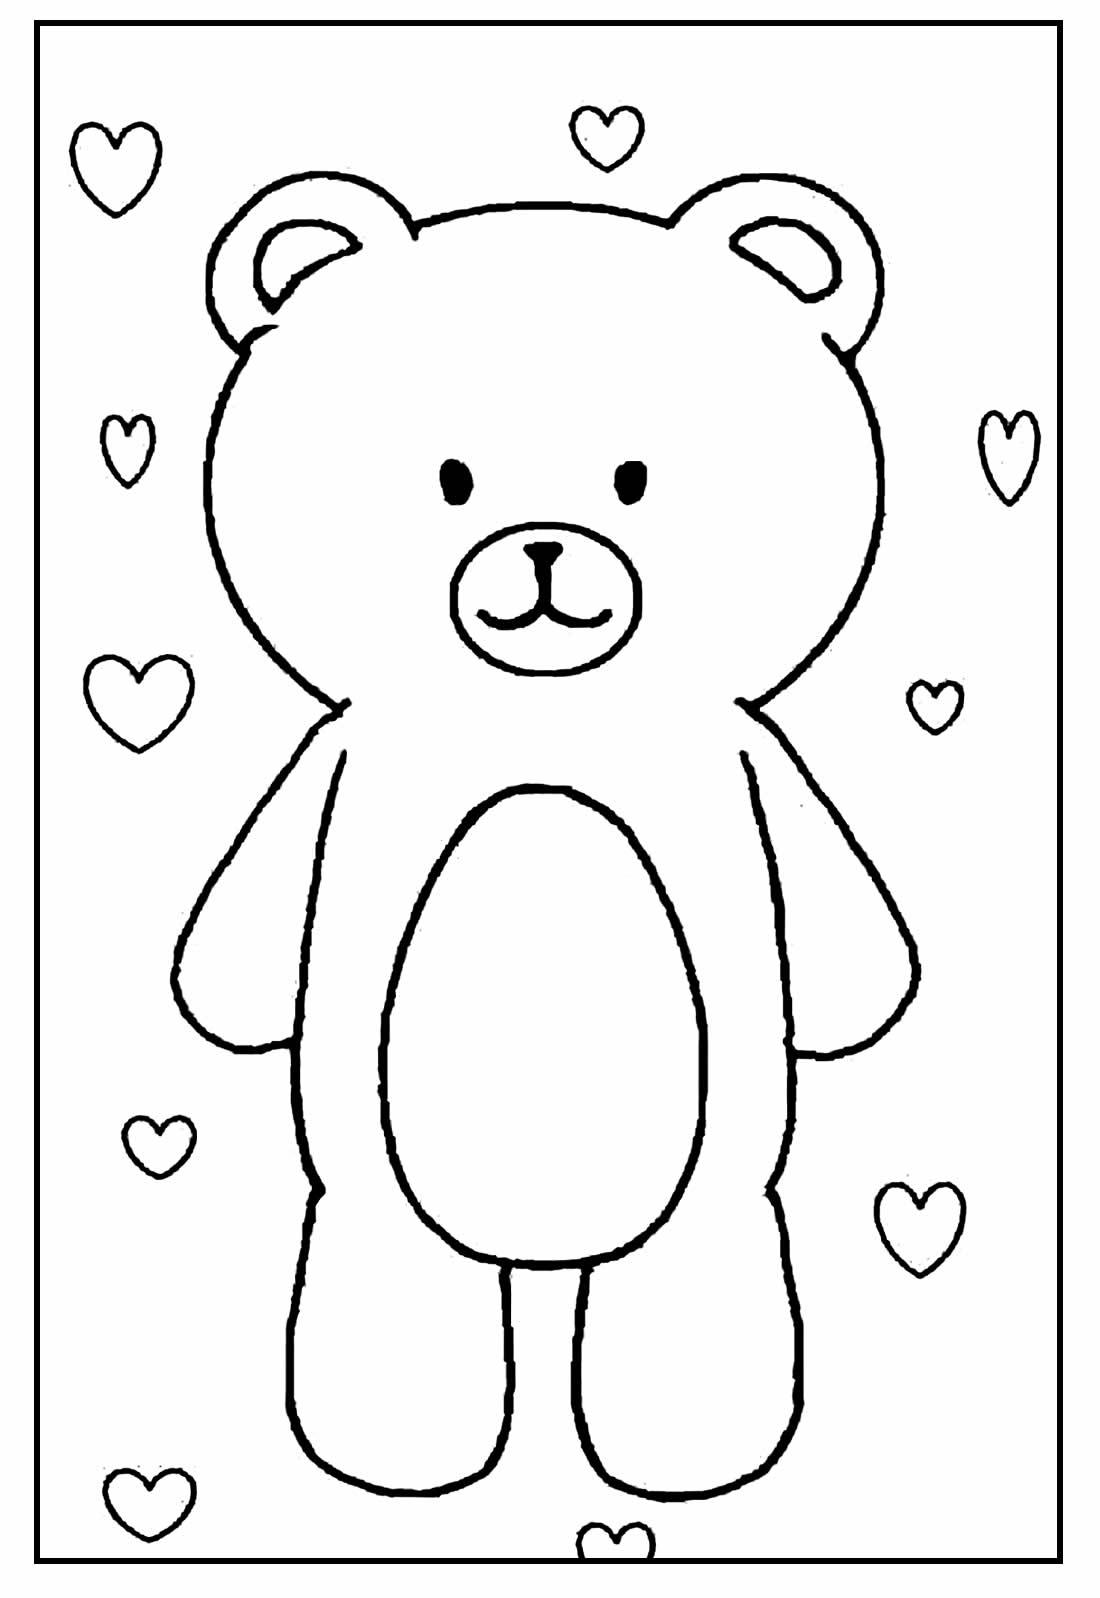 Desenho fofo de Urso para colorir